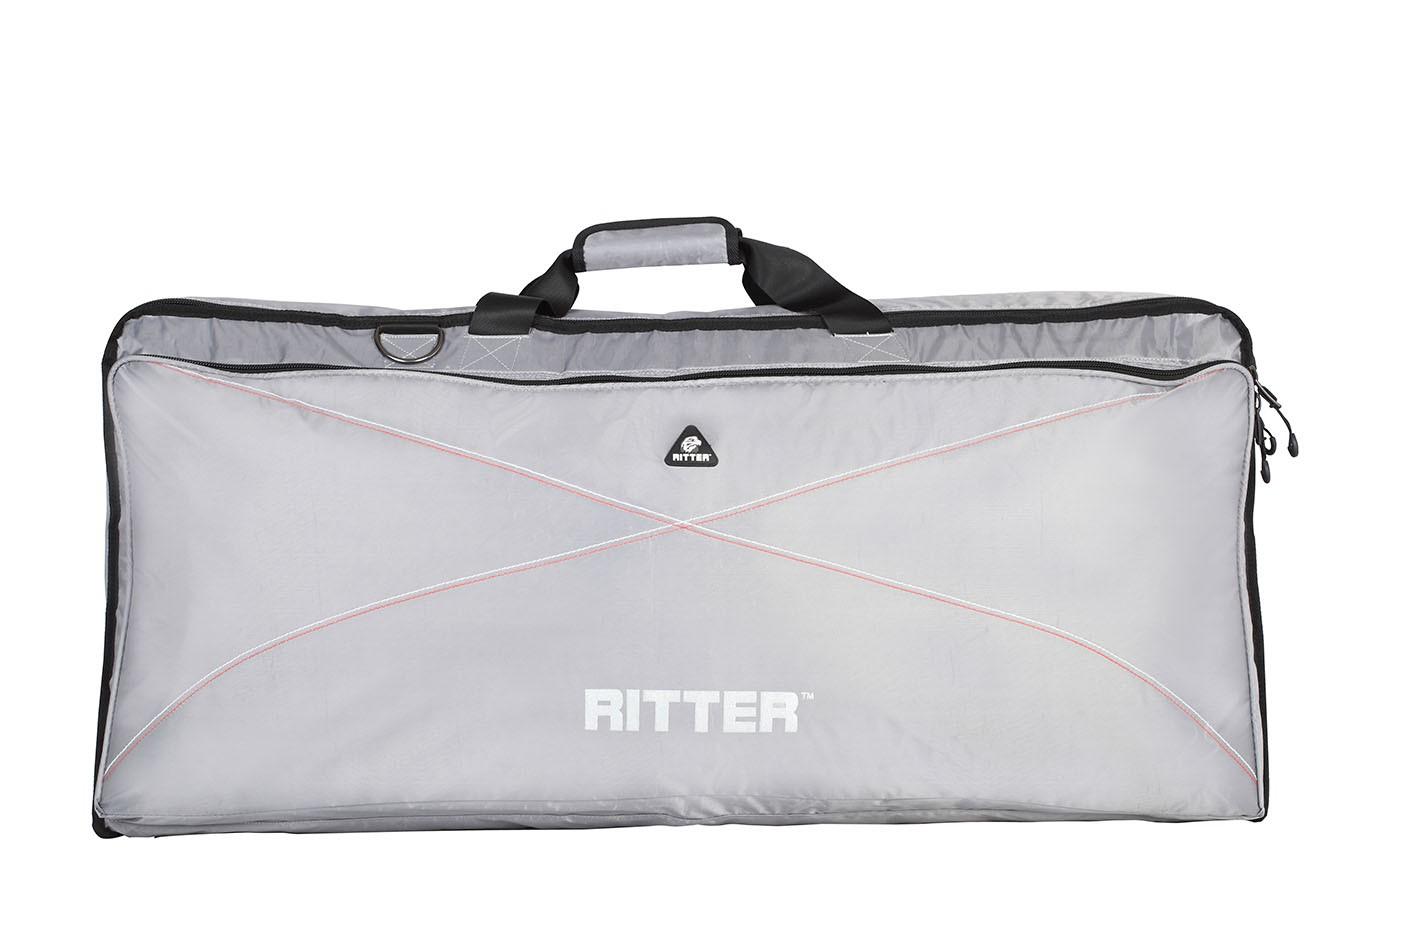 Ritter RKP2-60/SRW Keyboard Bag 1450x475x180 - Silver Grey/White